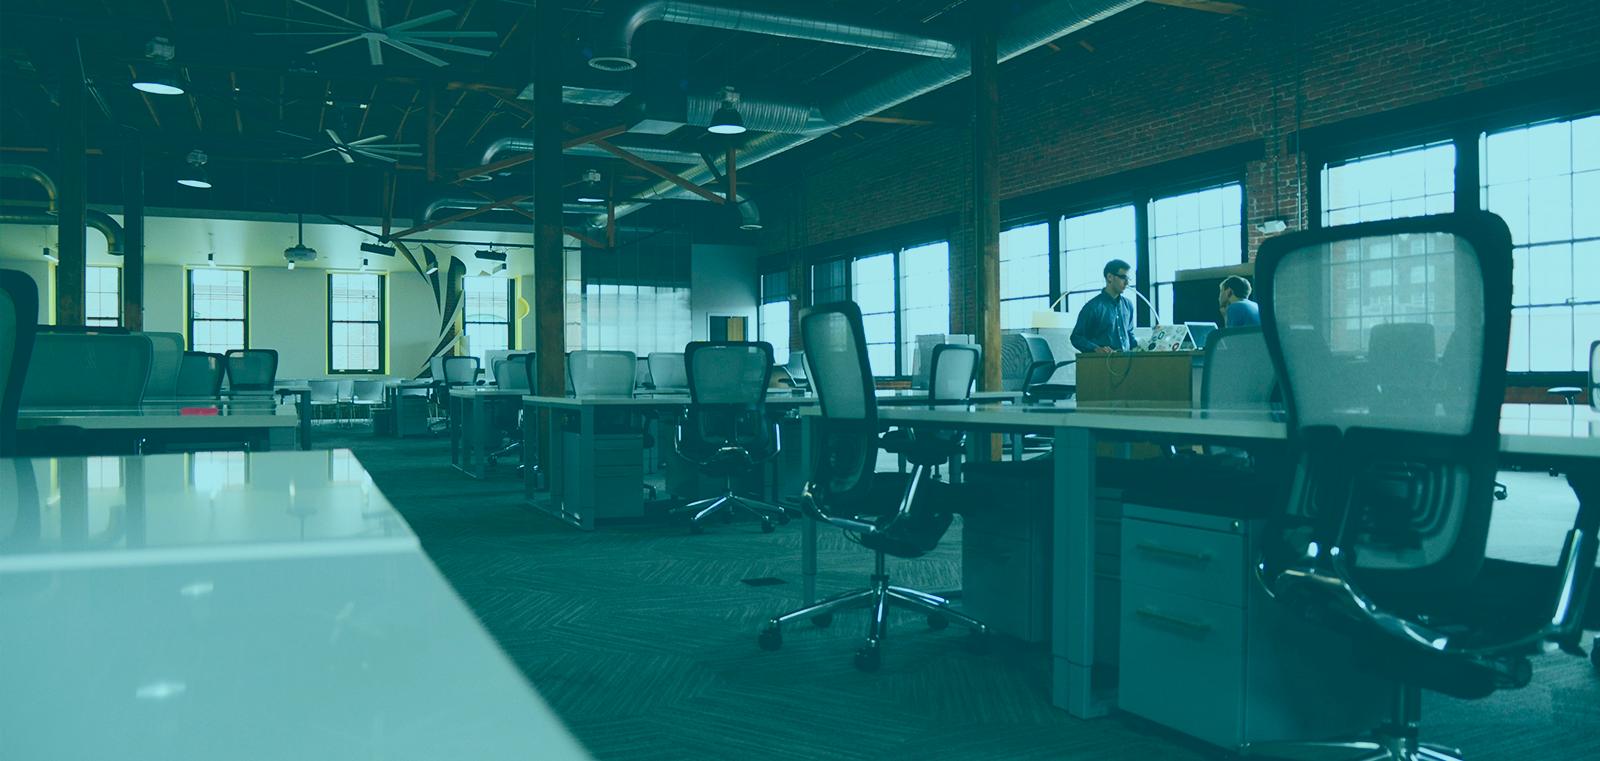 О компании Инпрофф — история, цели, принципы, вакансии и отзывы